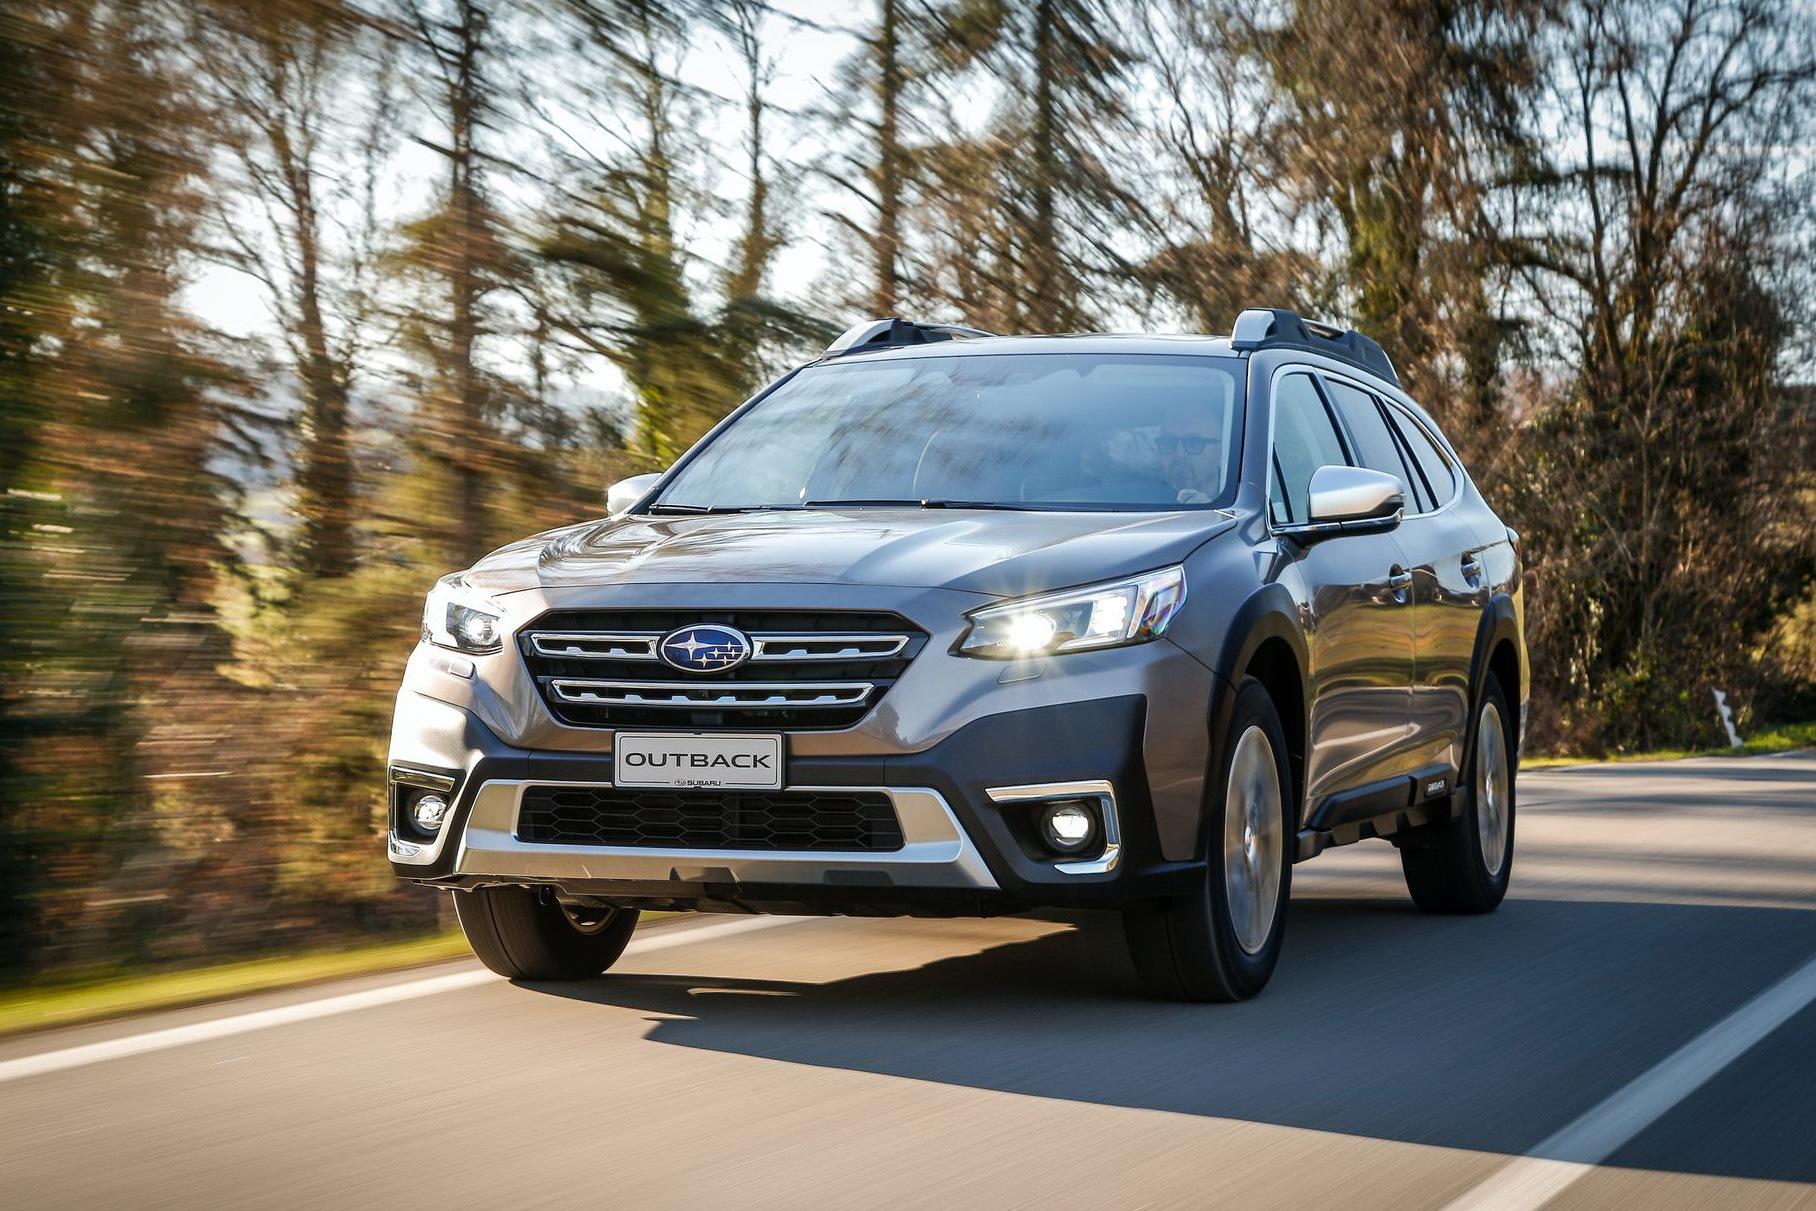 Subaru привезет в Россию две новинки